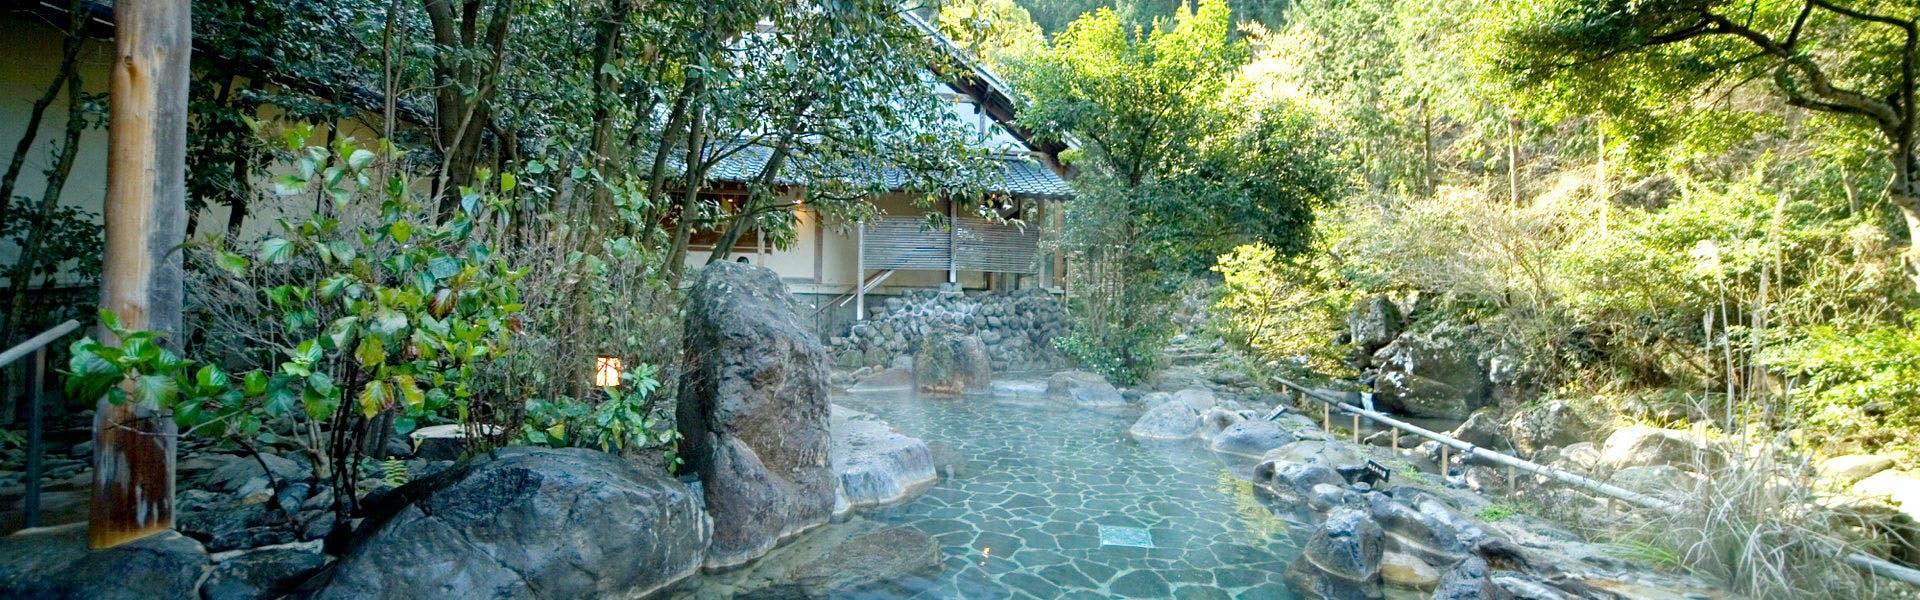 記念日におすすめのホテル・大正屋 椎葉山荘の写真3